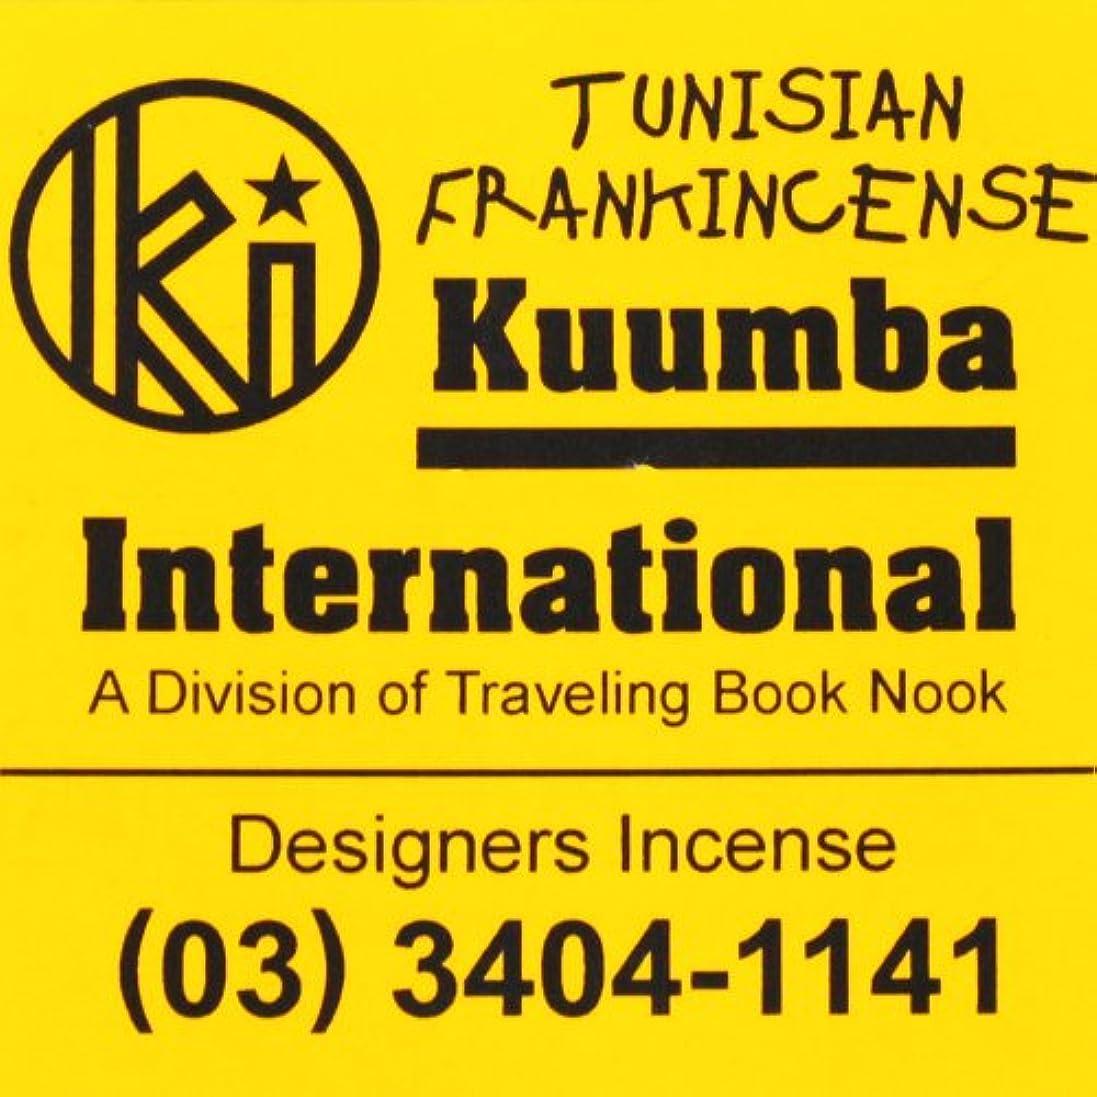 海岸また明日ねカヌー(クンバ) KUUMBA『classic regular incense』(TUNISIAN FRANKINCENSE) (Regular size)